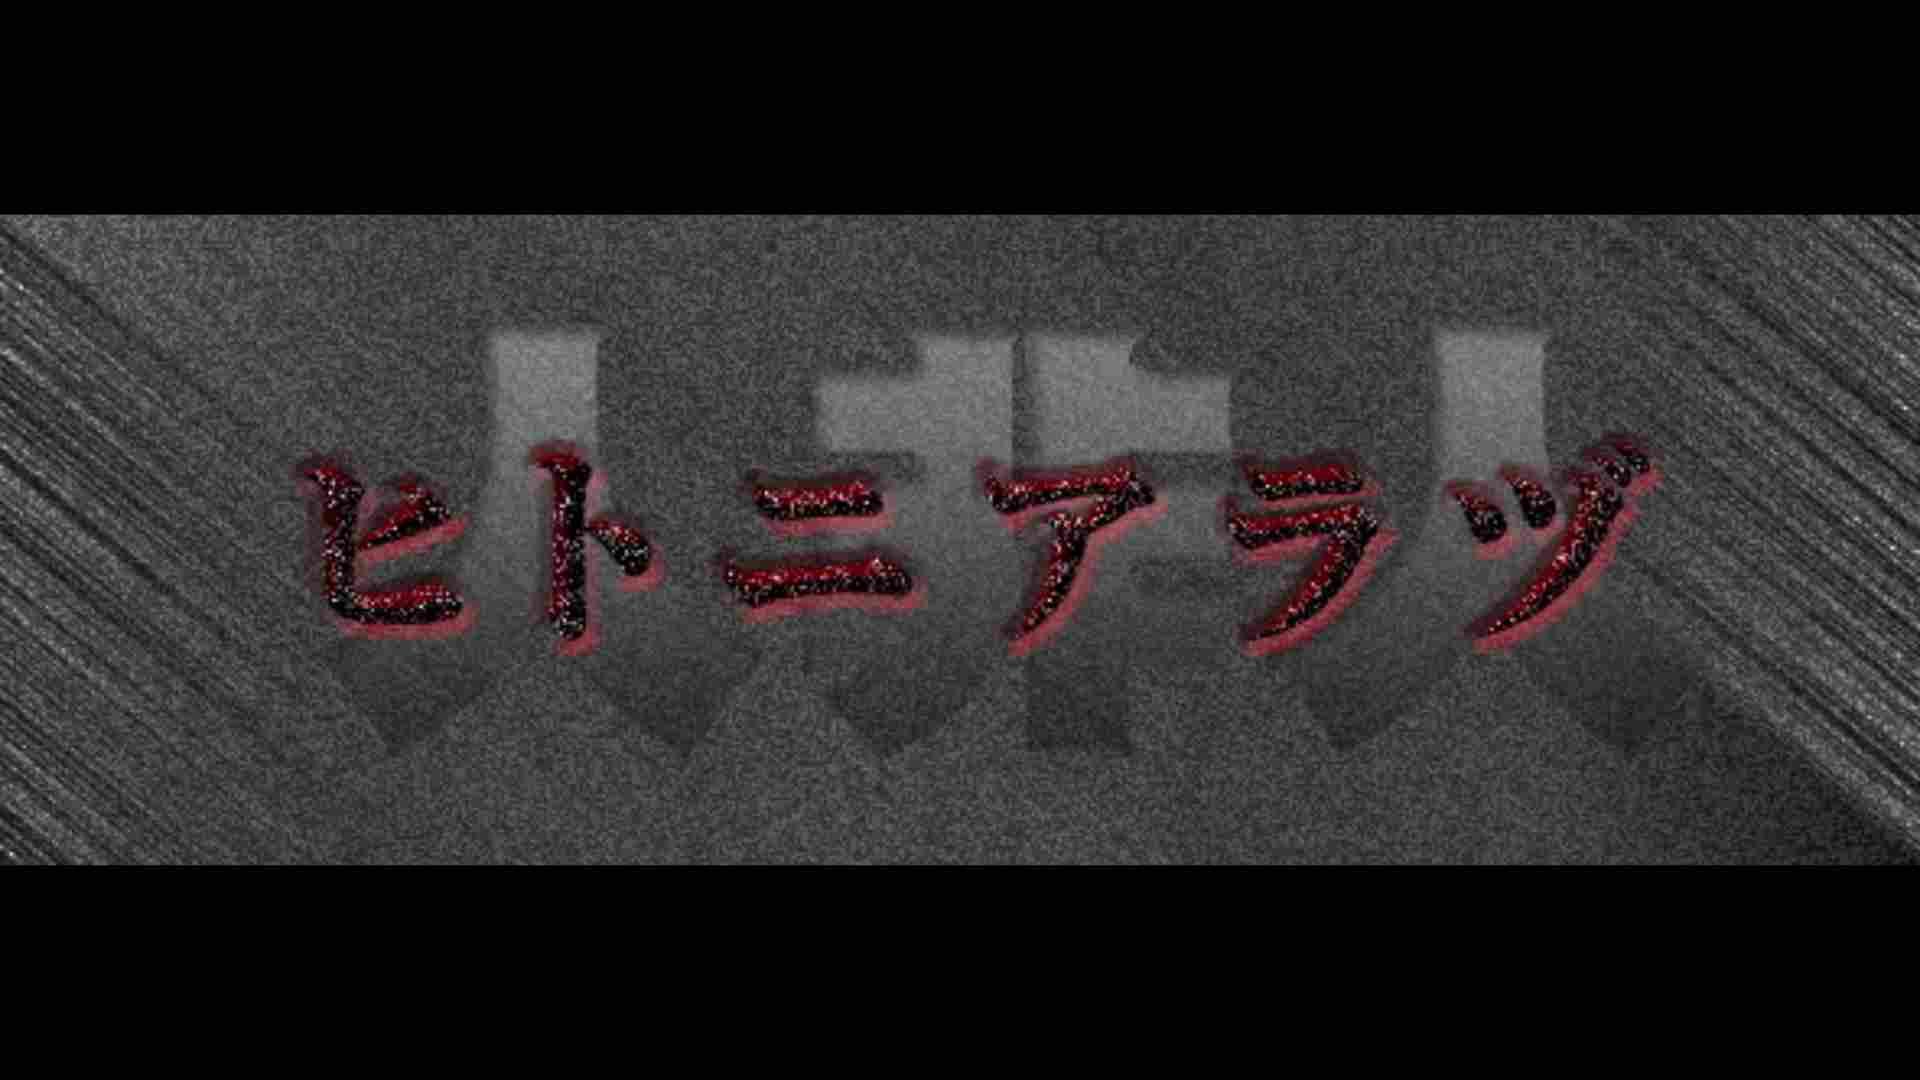 ヒトニアラヅNo.02 姿と全体の流れを公開 ギャル  60PIX 14